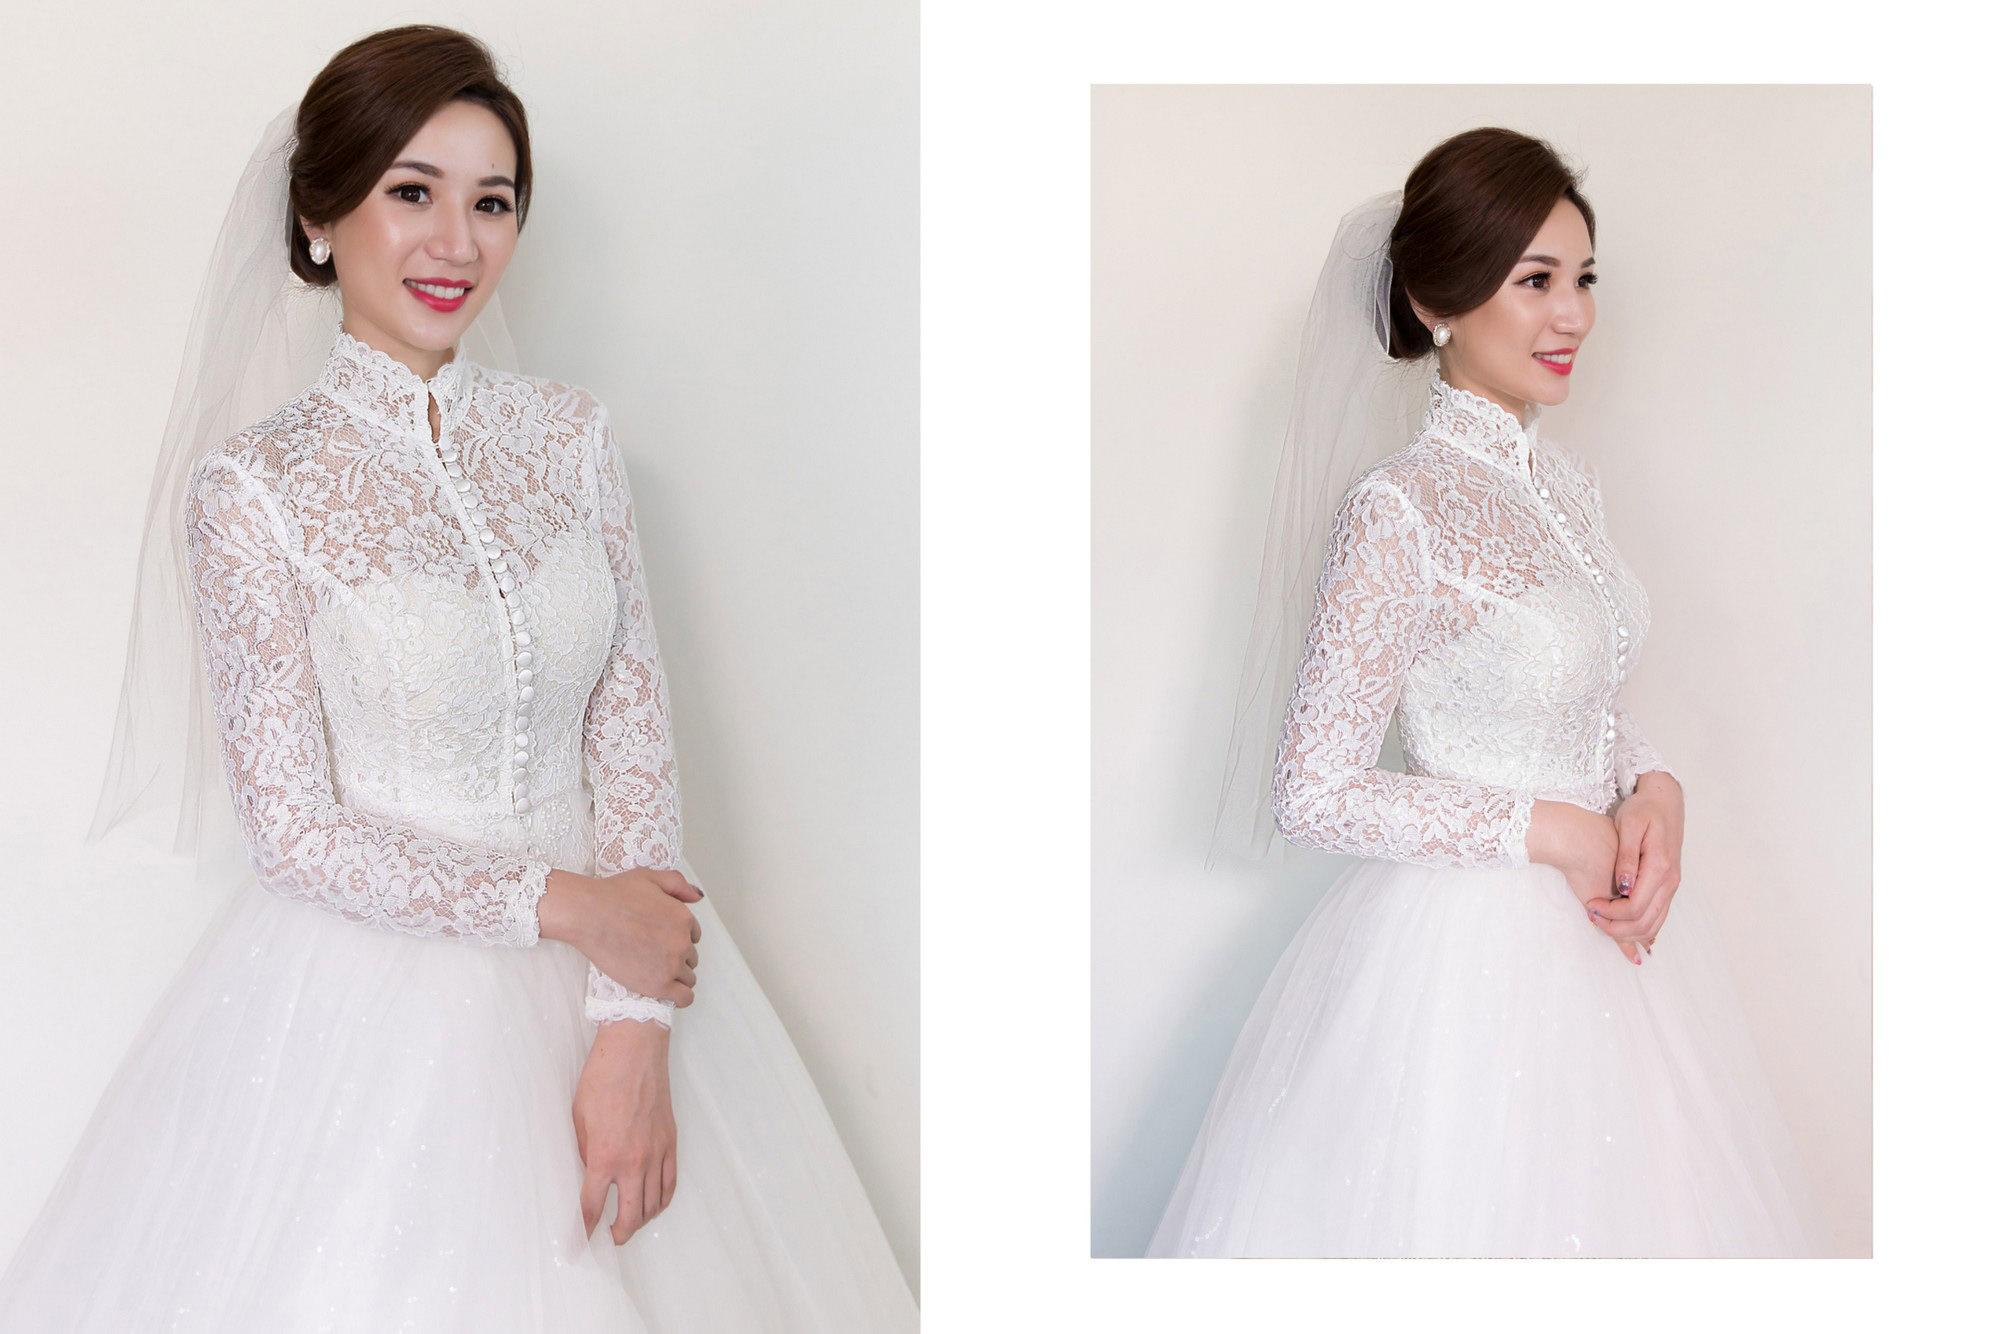 蕾絲高領白紗造型怎麼選?搭配優雅的法式低盤髮及素頭紗最合適